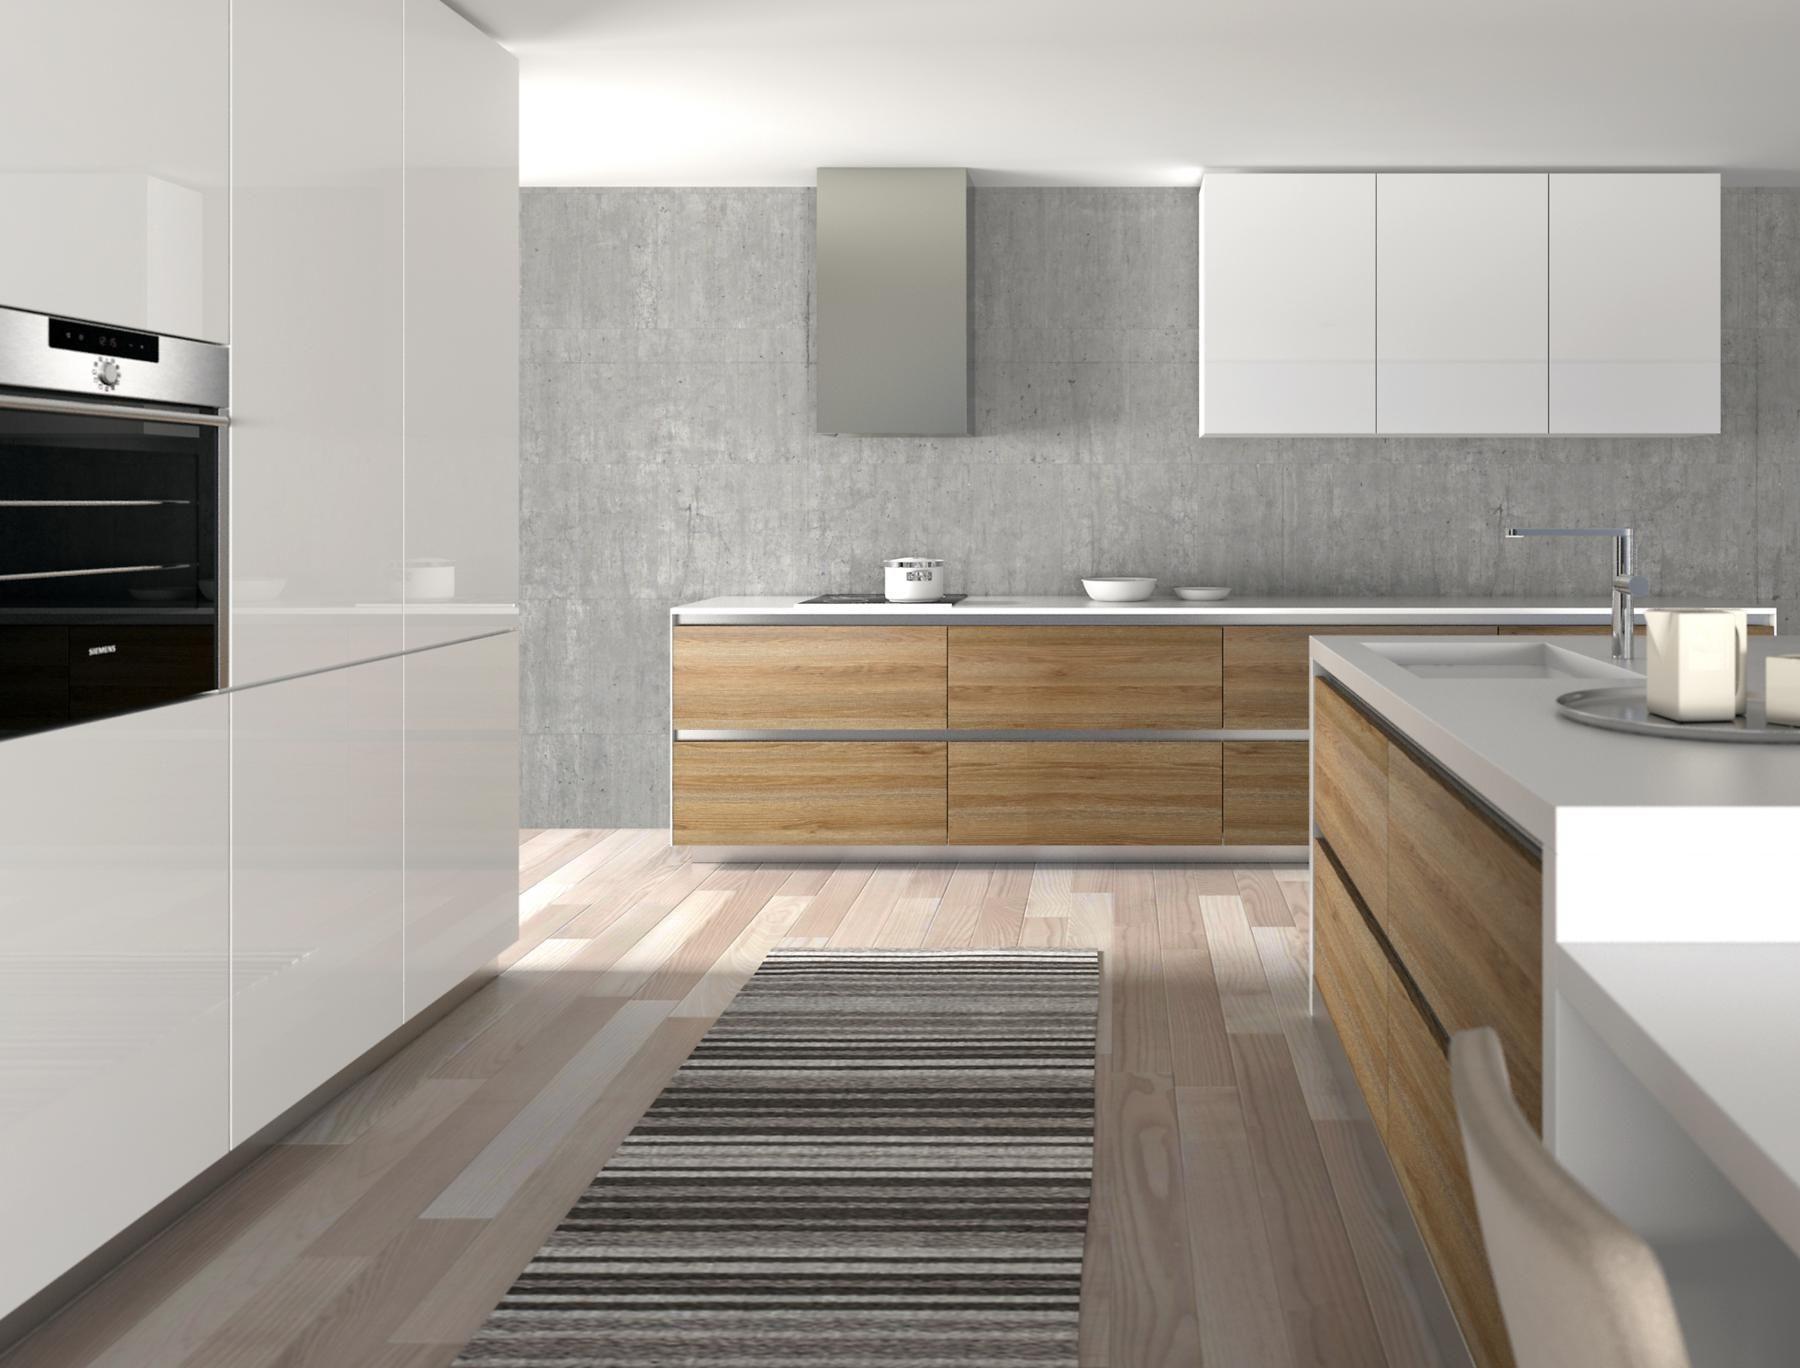 Cocina con gola y pulsadores, la combinación de un diseño en madera ...